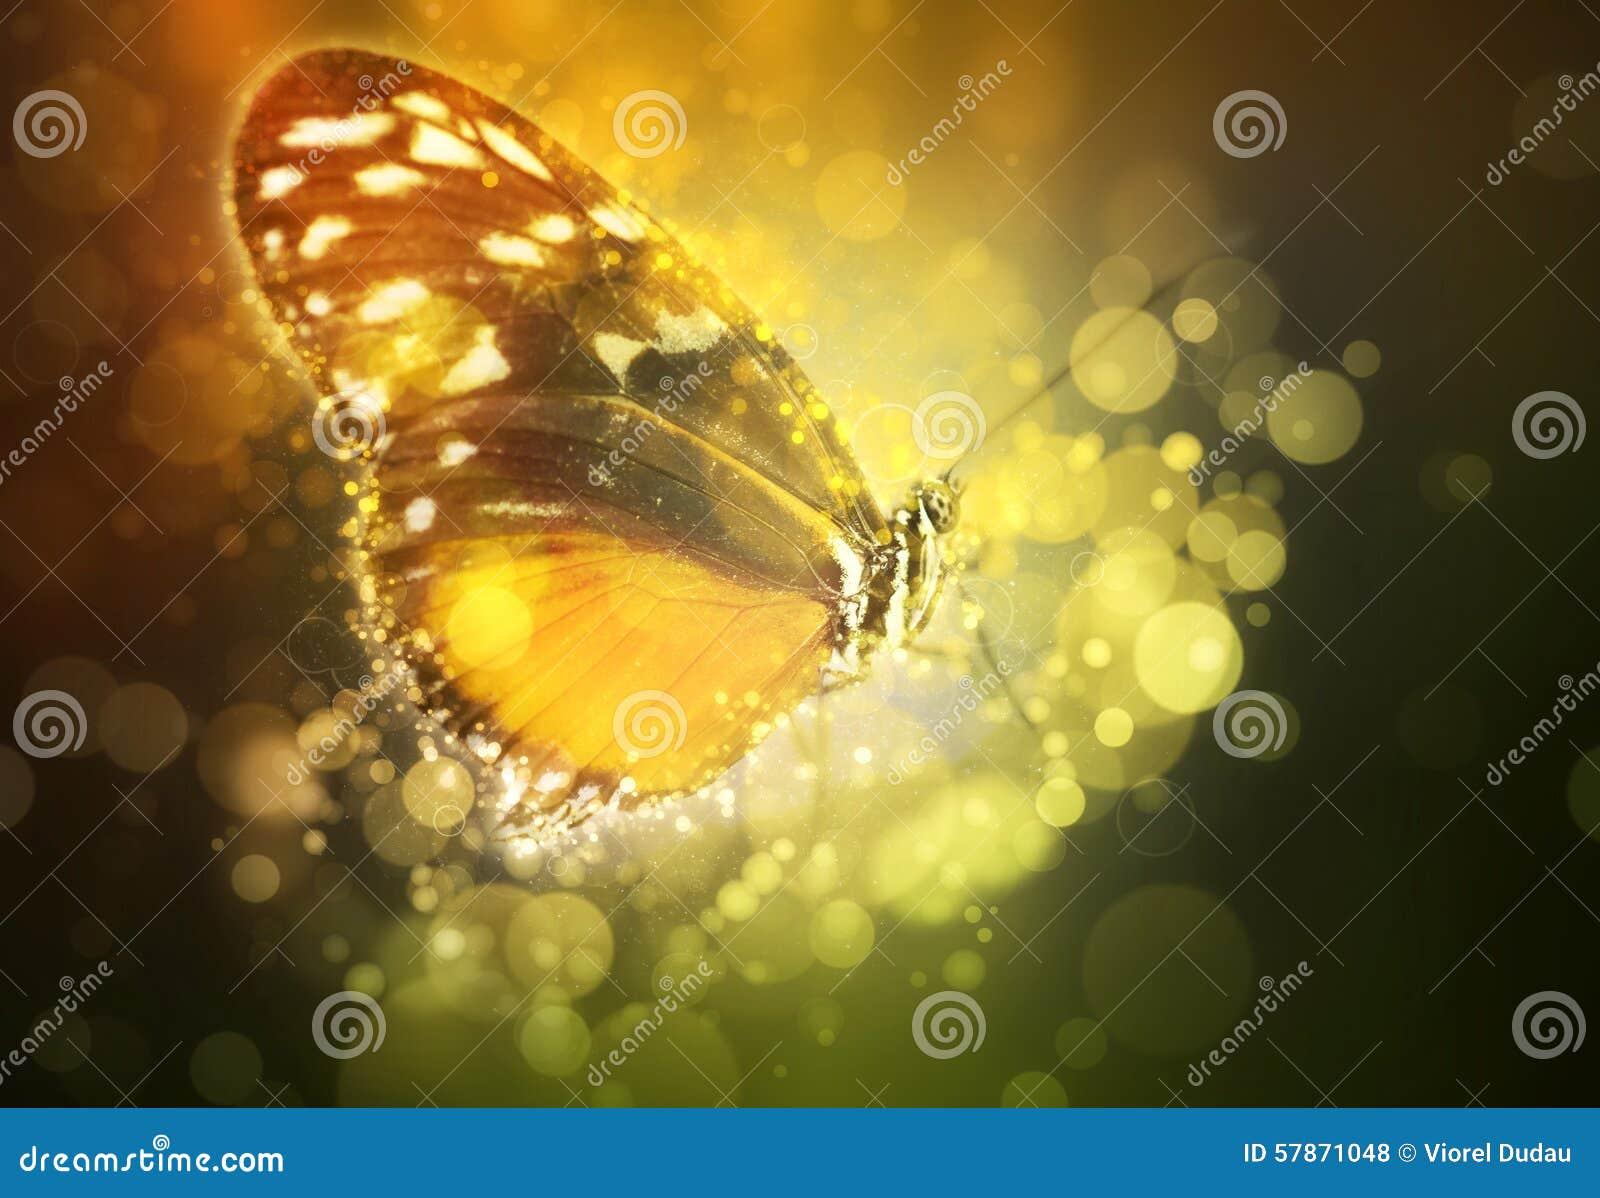 Butterfly in a dream